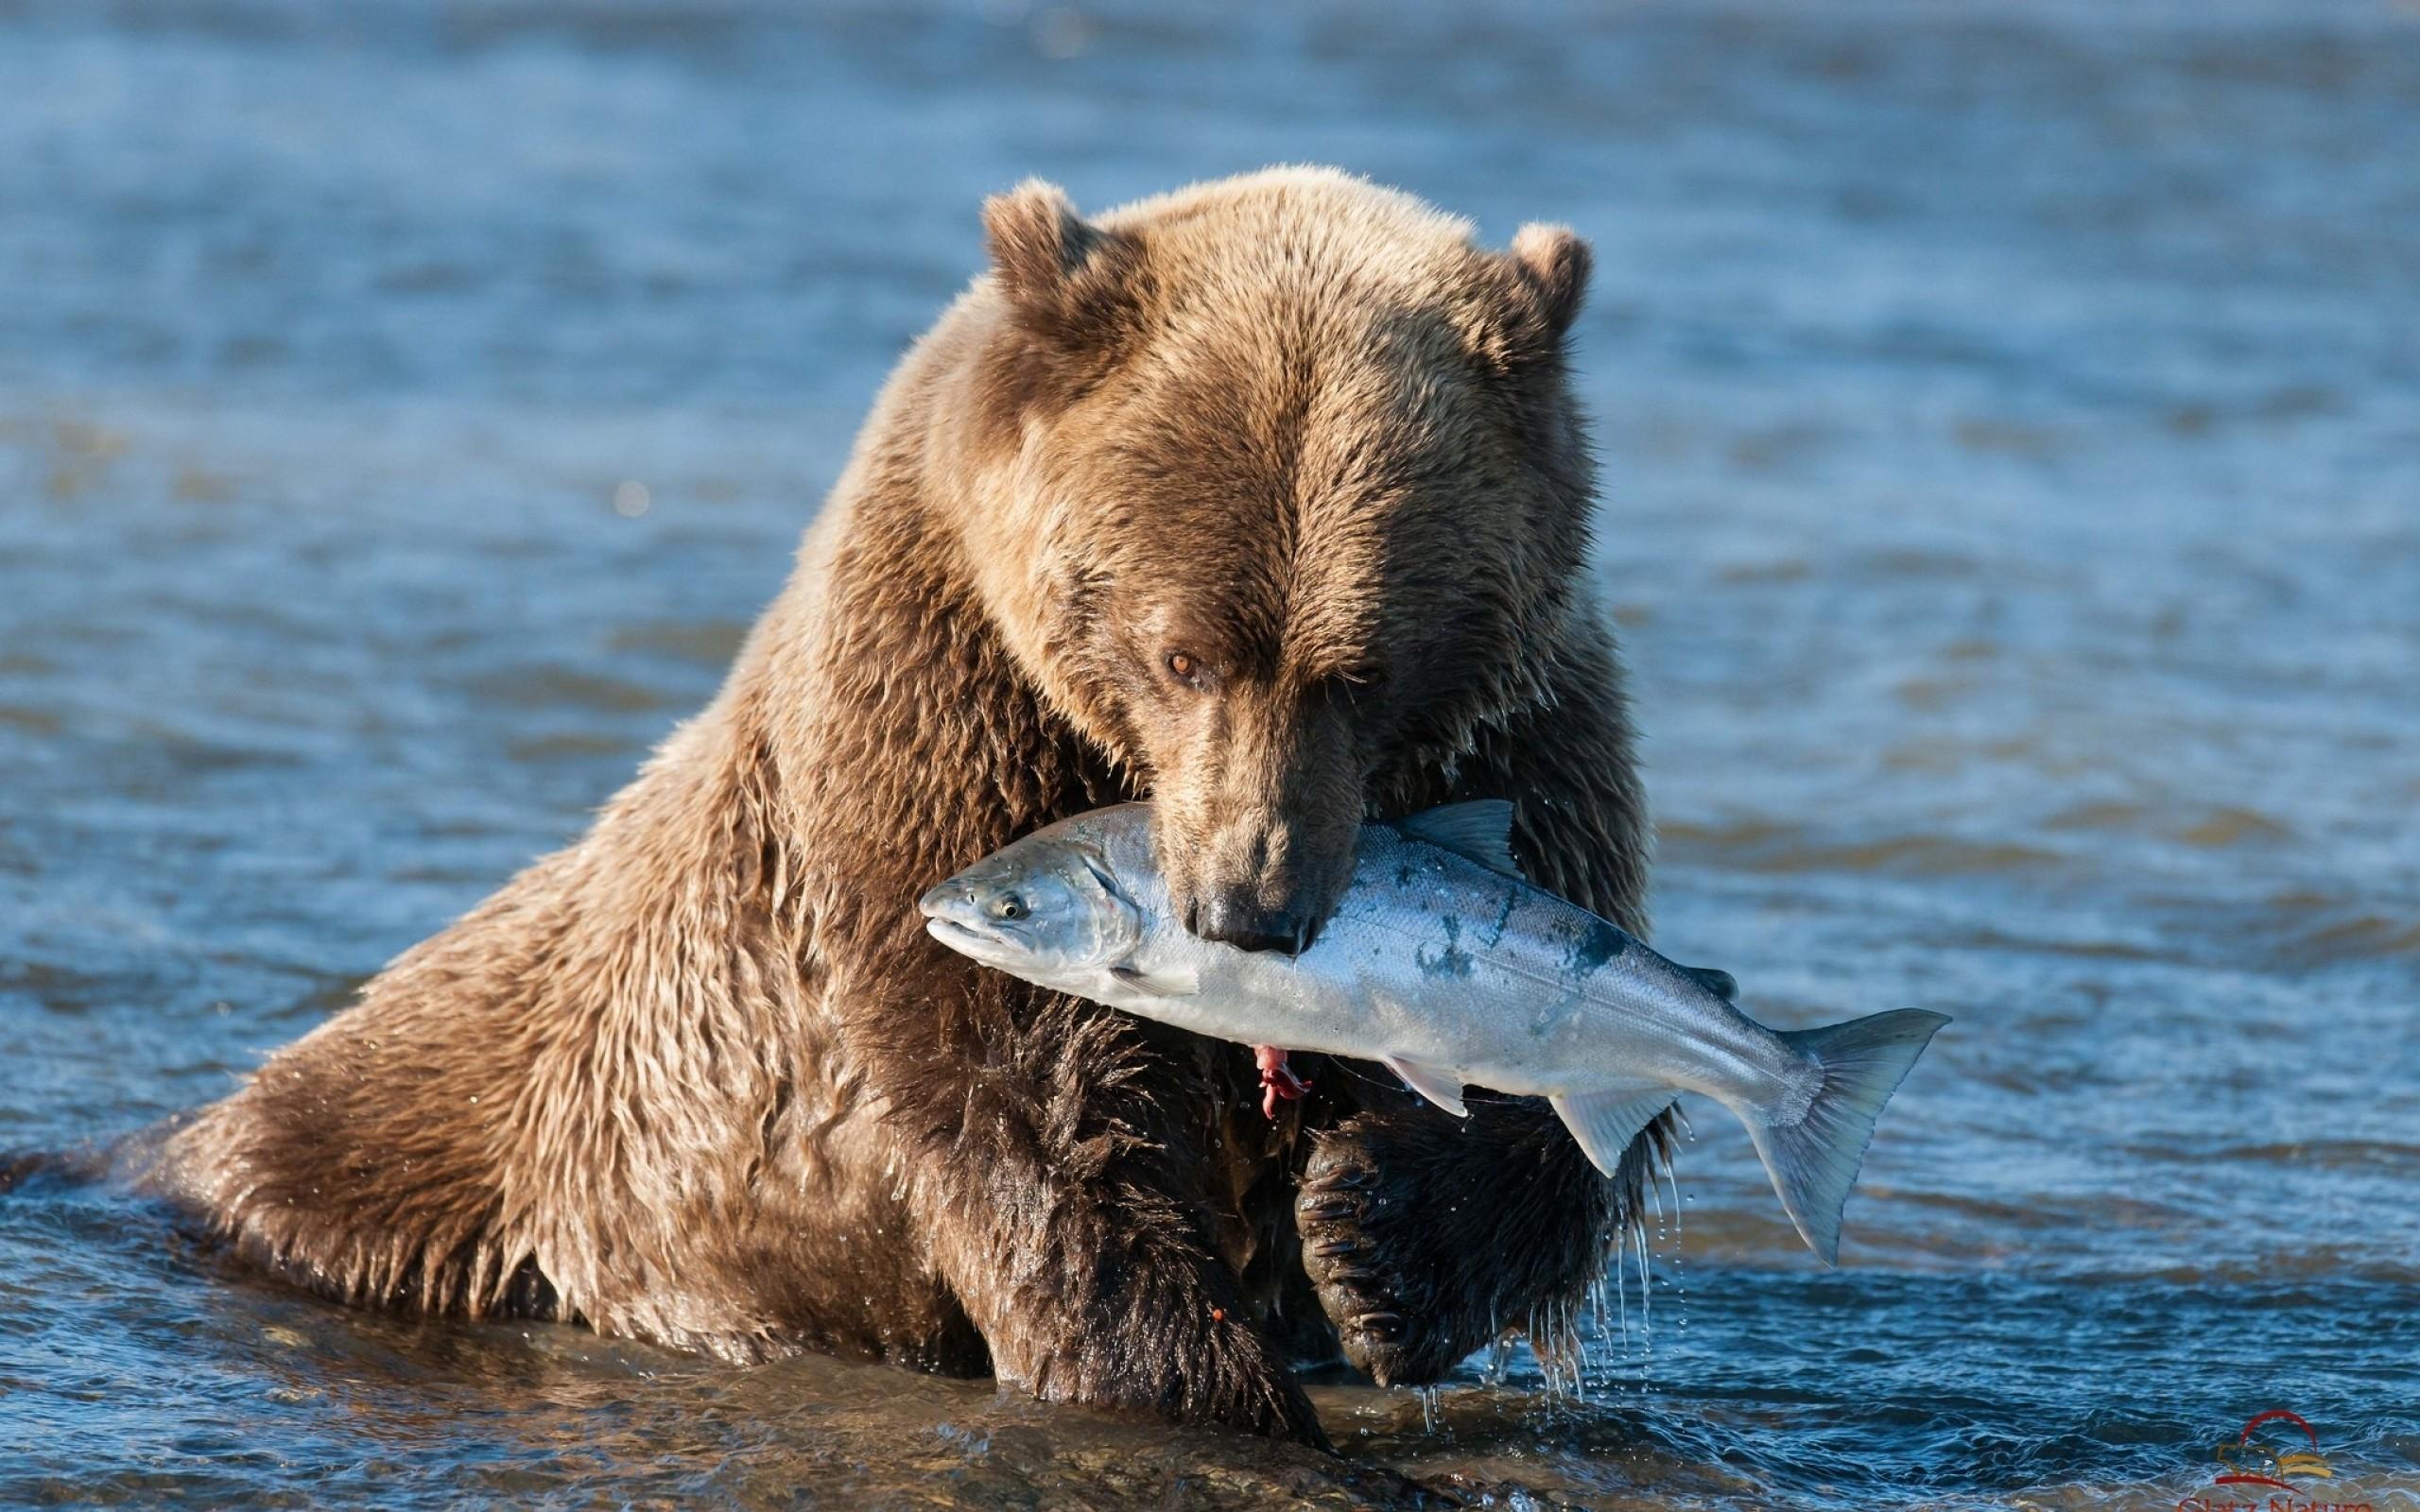 Скачать Обои На Телефон Медведь